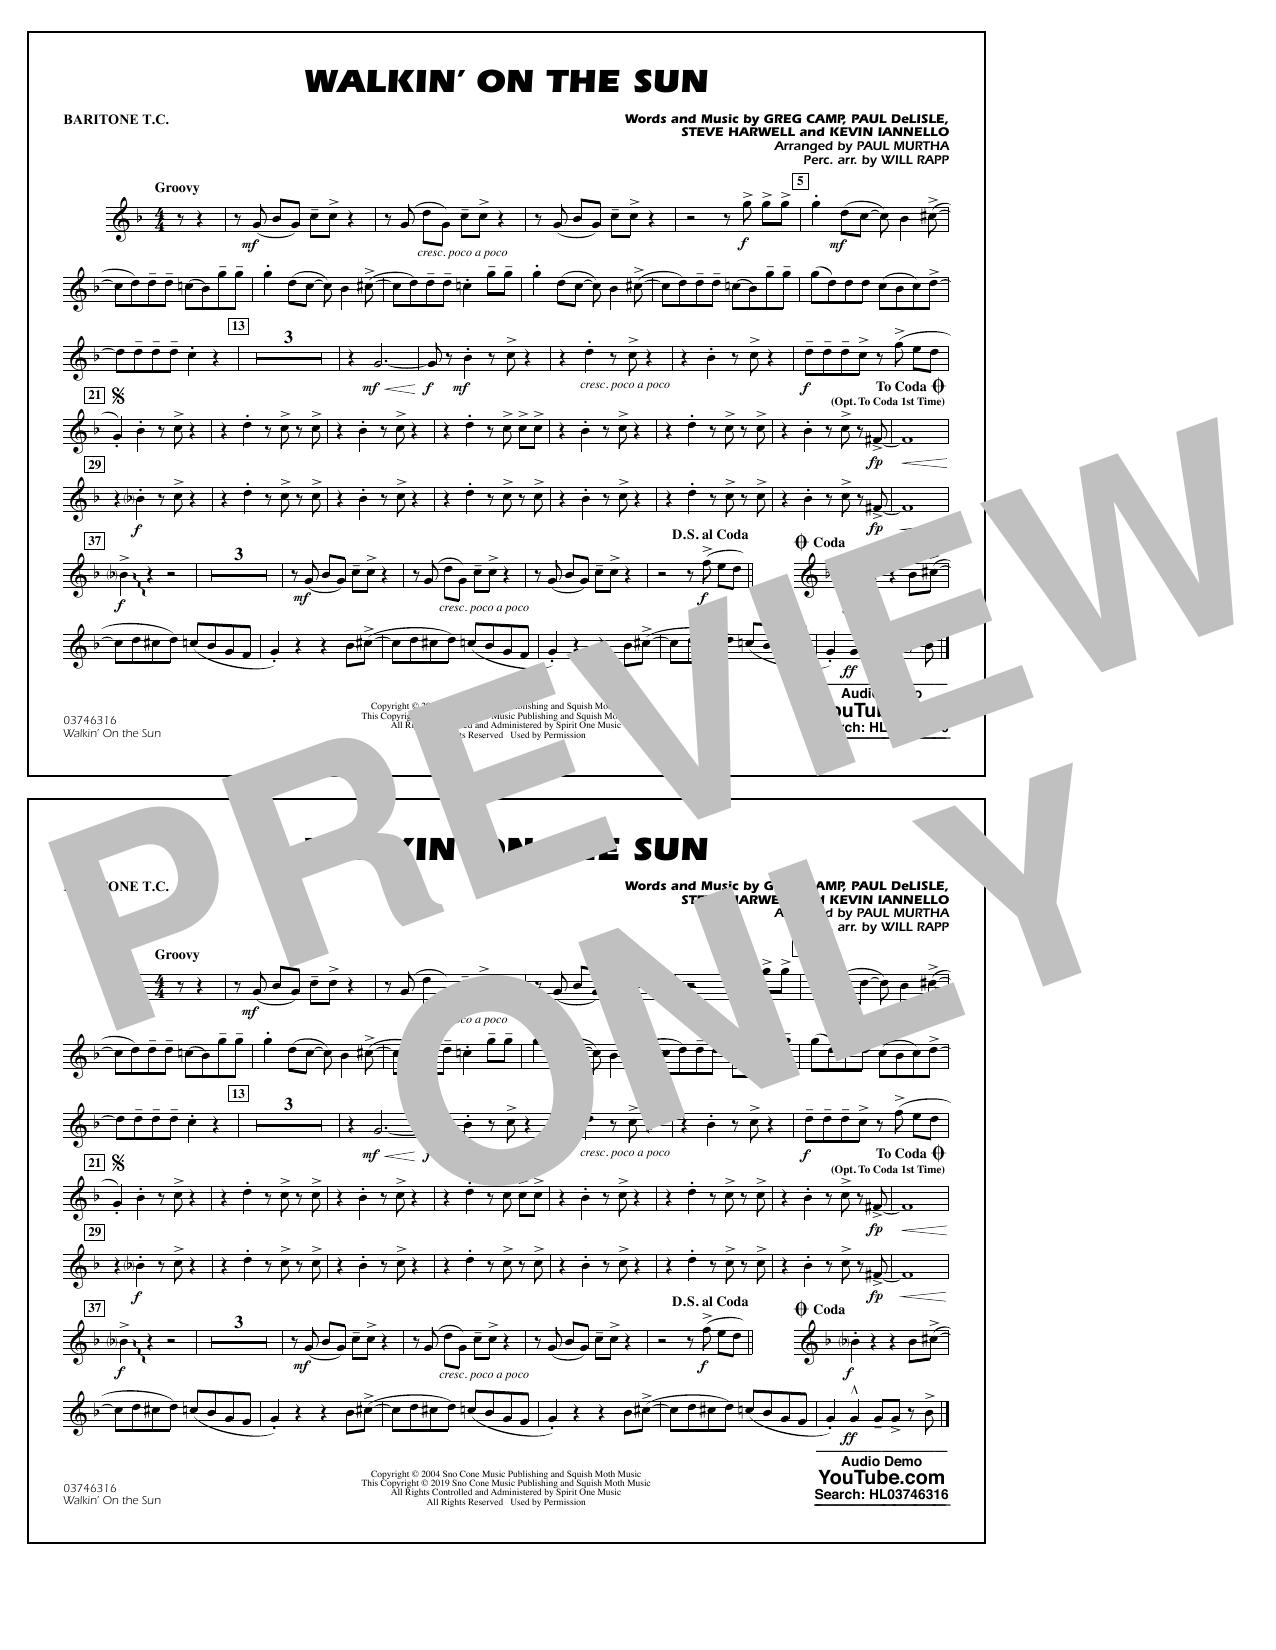 Walkin' on the Sun (arr. Paul Murtha) - Baritone T.C. (Marching Band)